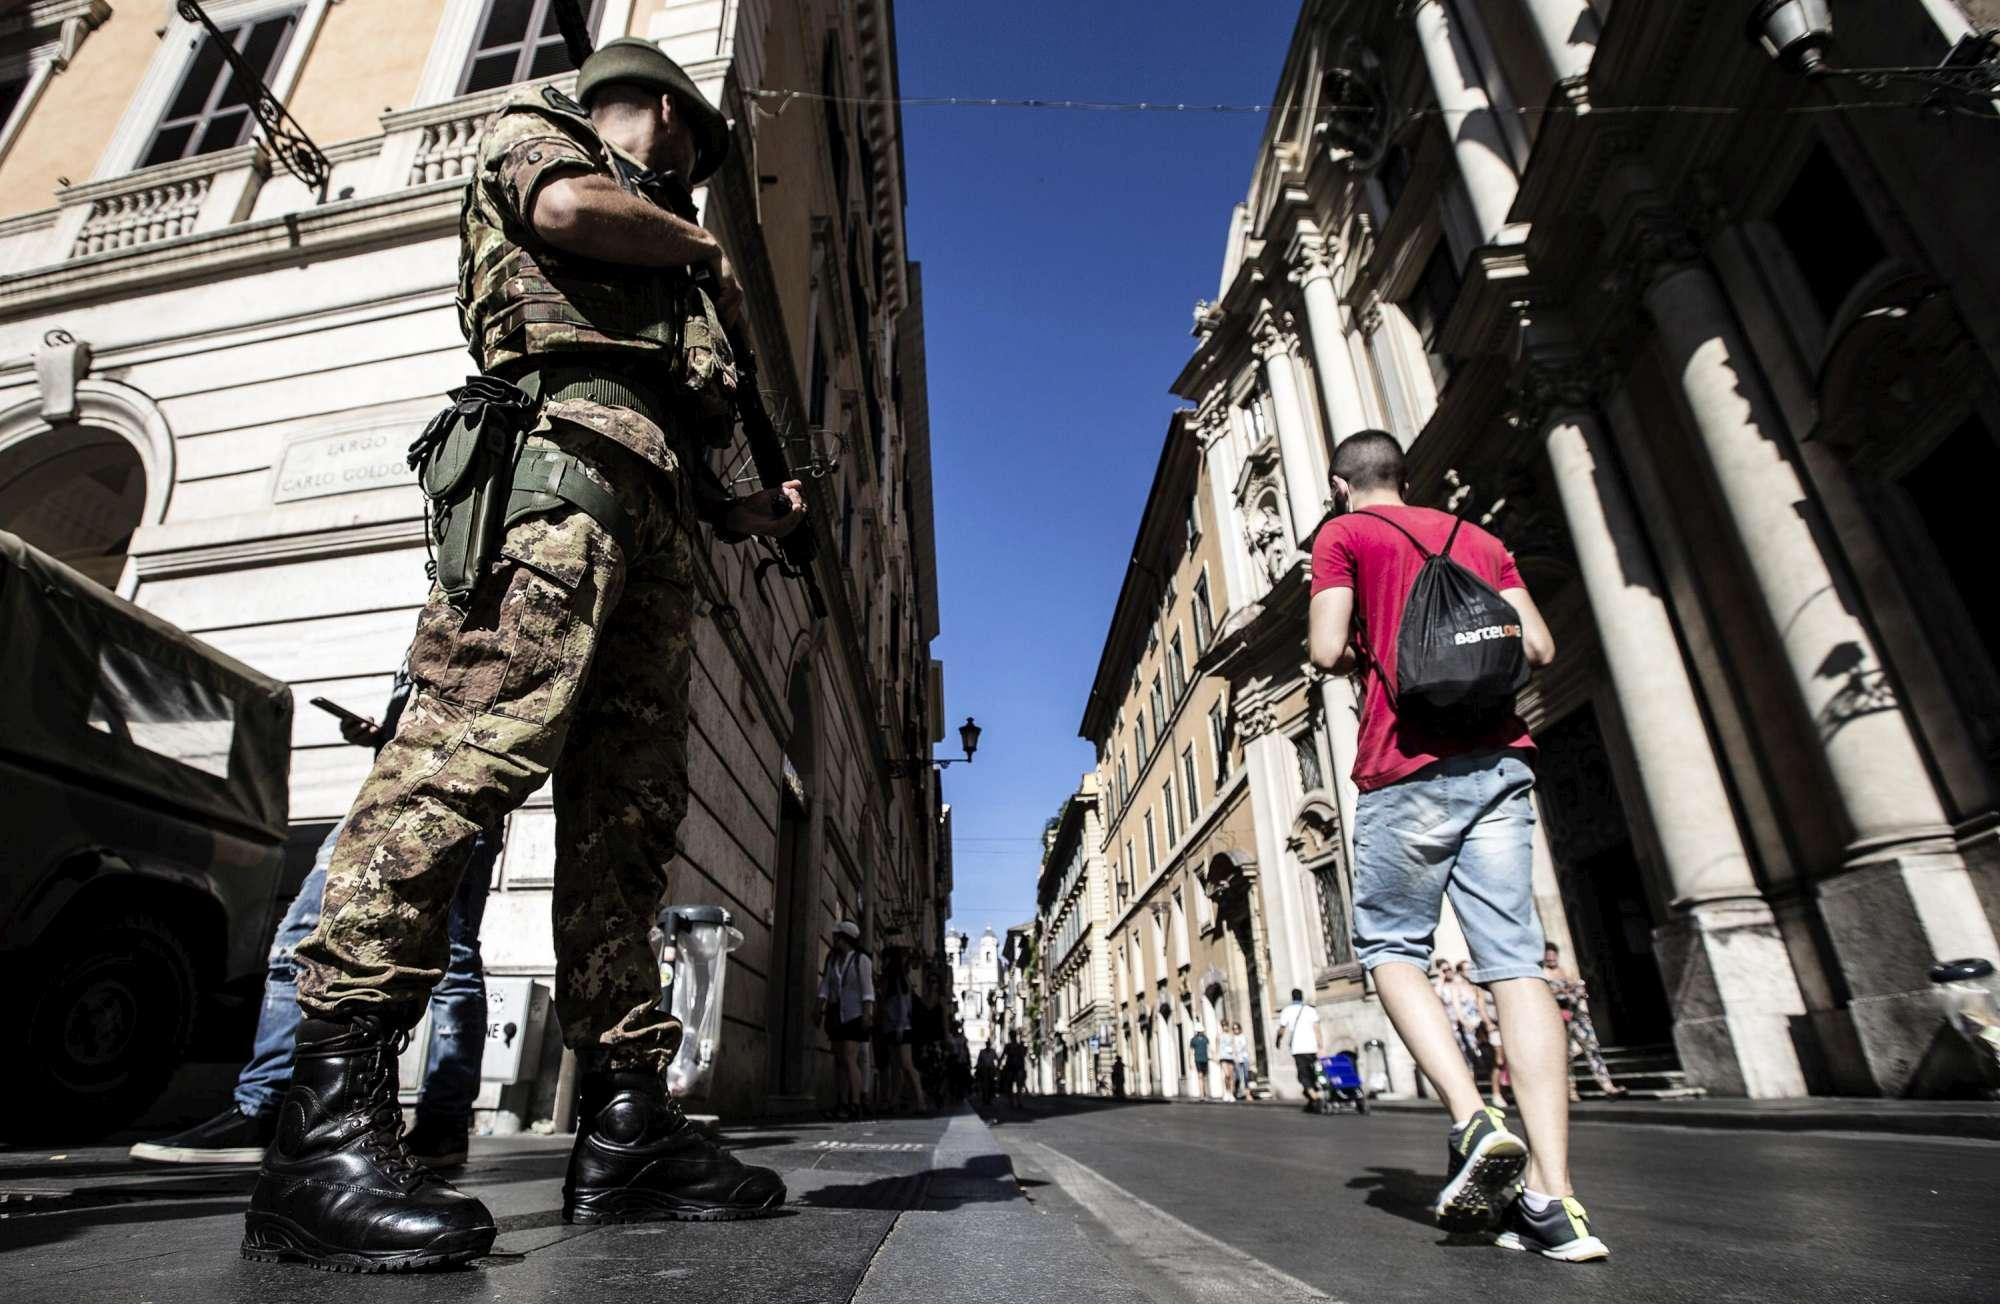 Roma, stretta antiterrorismo: maggiori controlli nel centro storico